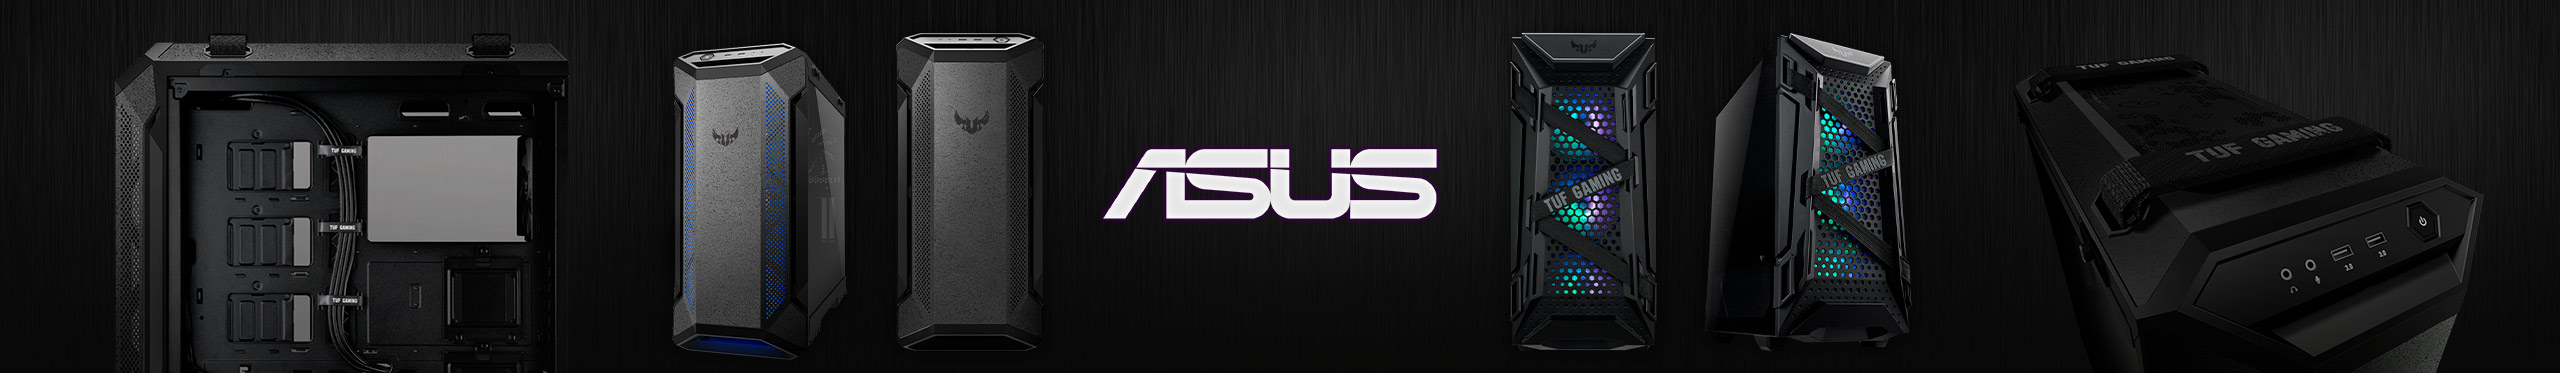 Durabilidade e segurança é só com os gabinetes Asus.